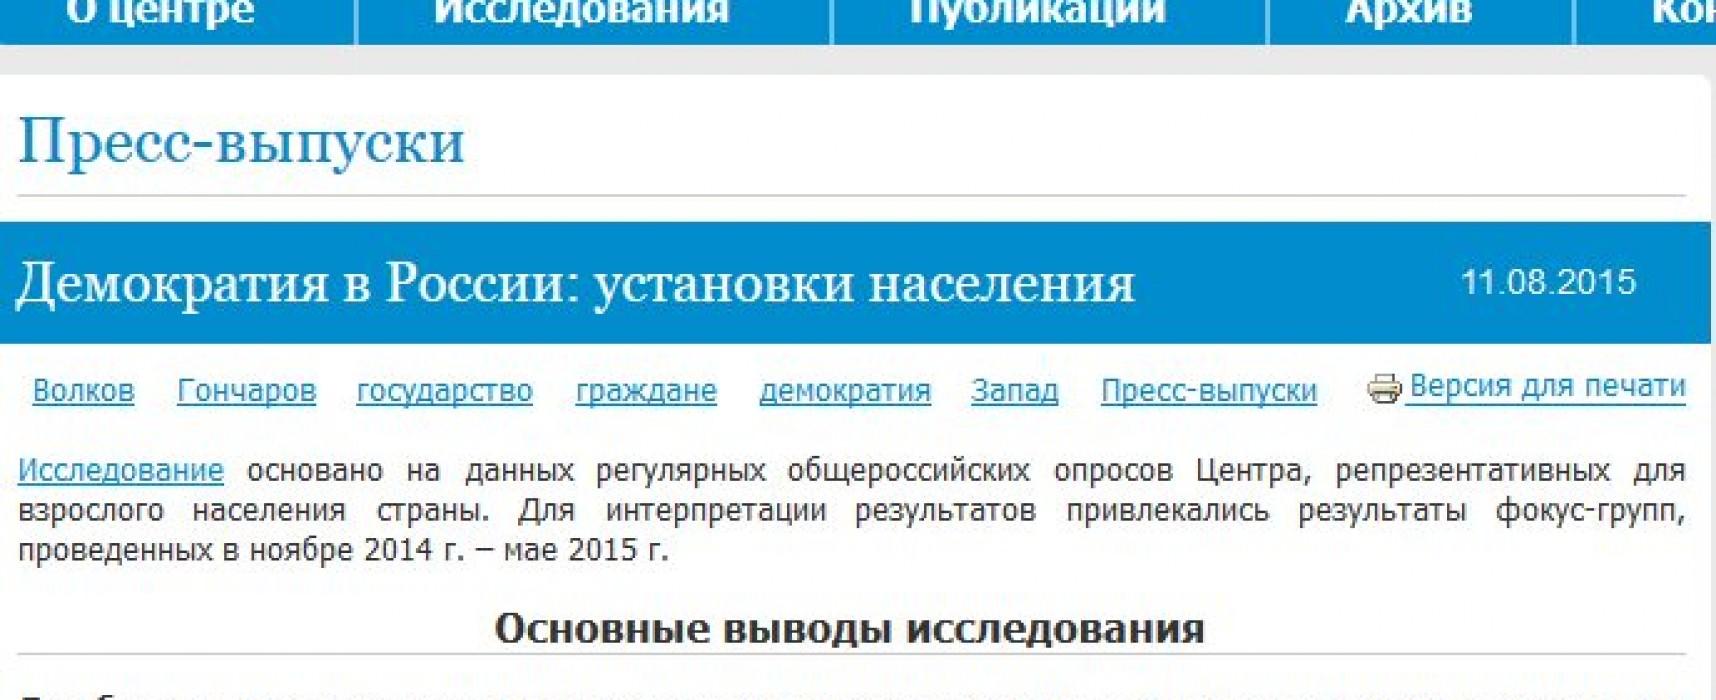 Демократия в России: установки населения